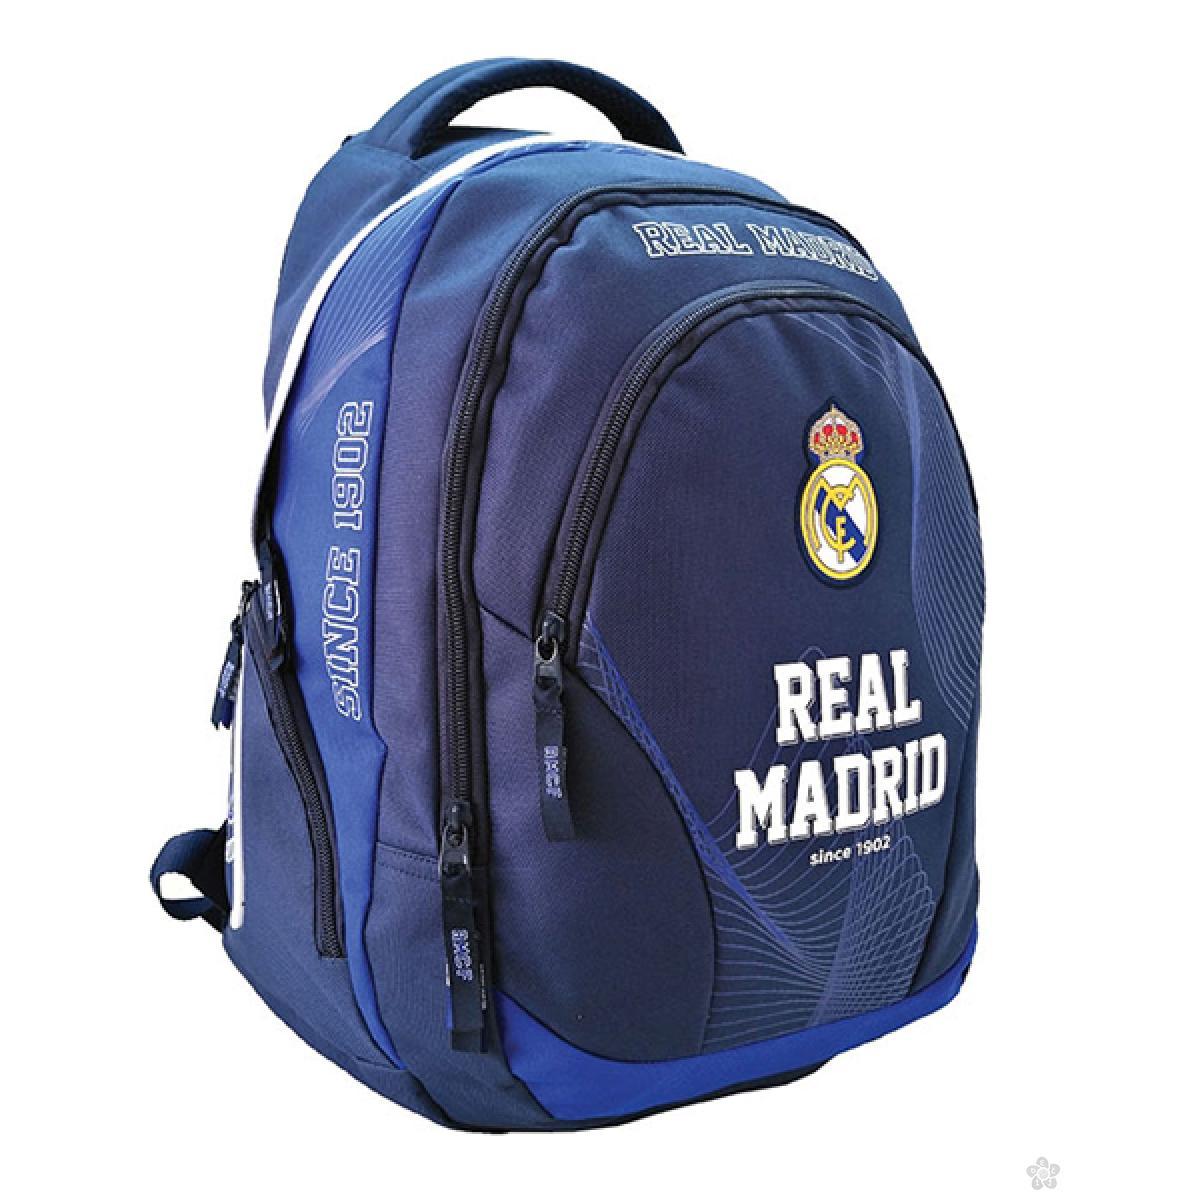 Ovalni ranac Real Madrid 53564